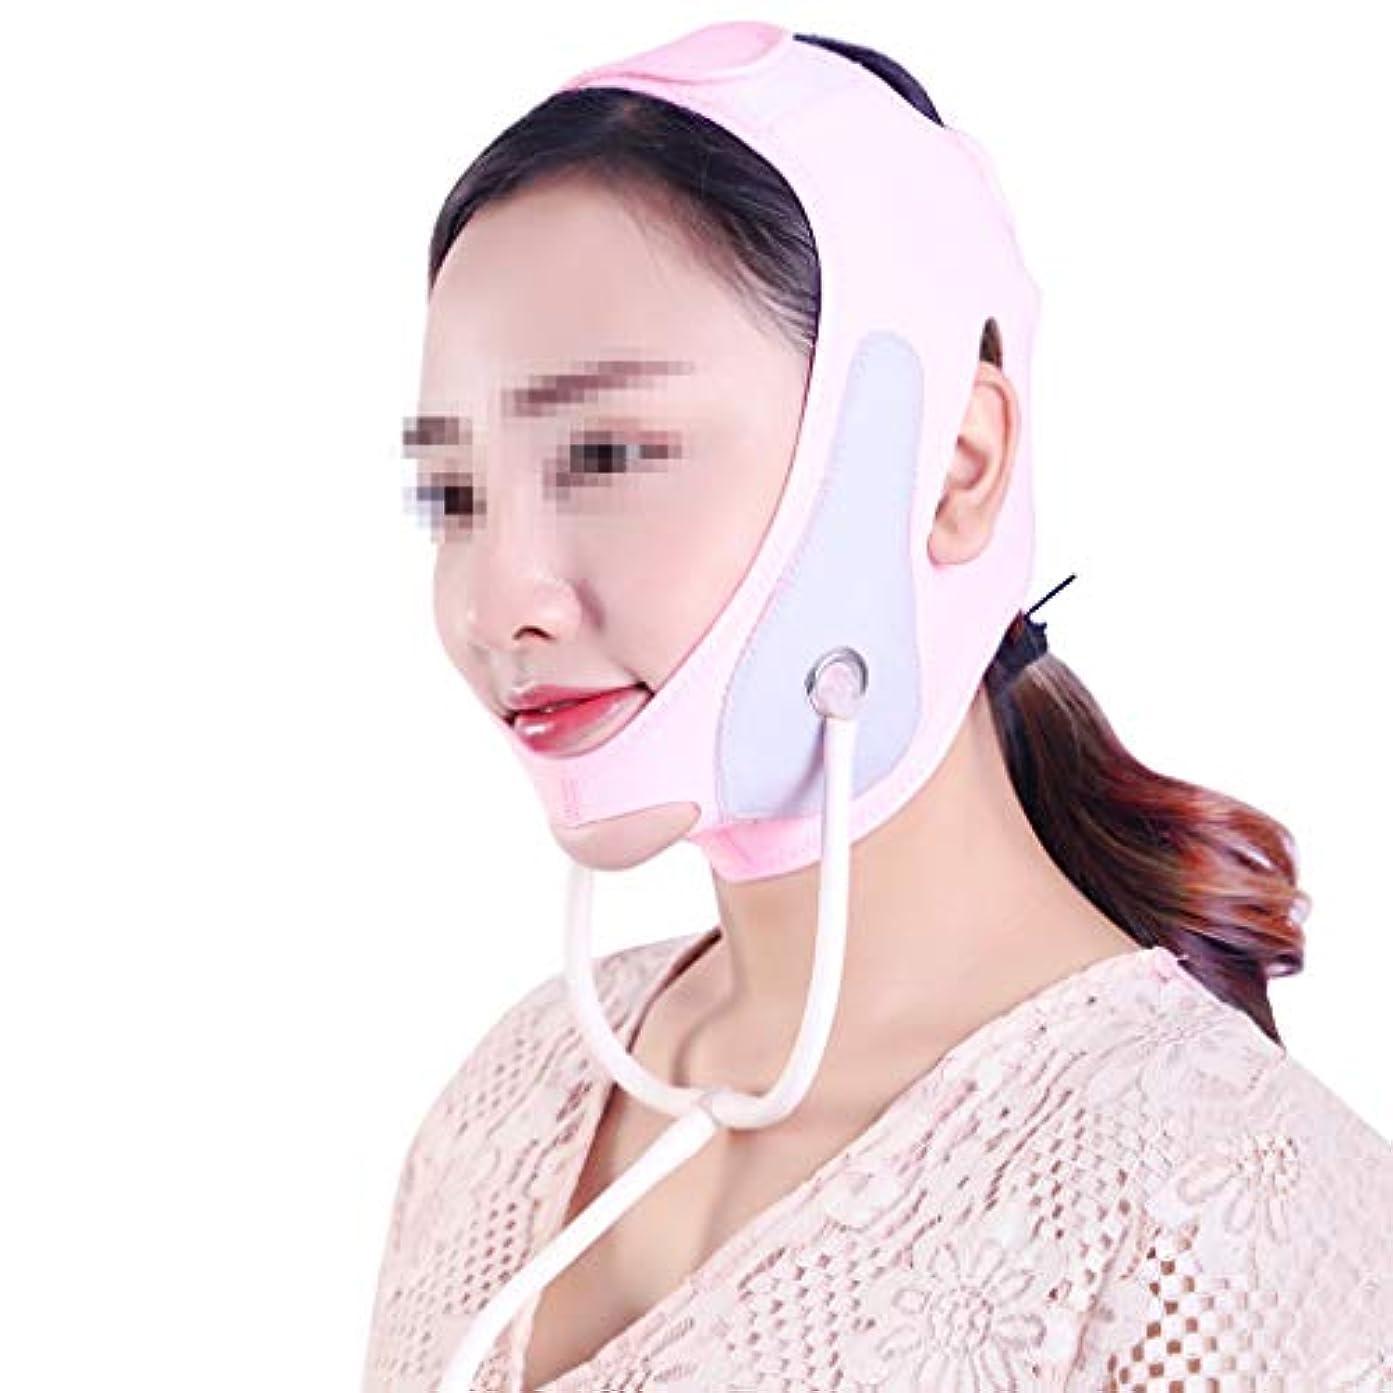 文明化未来嘆願インフレータブルフェイスリフティングマスク、小さなvフェイスステッカーリフトプル形状筋肉引き締めスキンダブルチン包帯ピンク